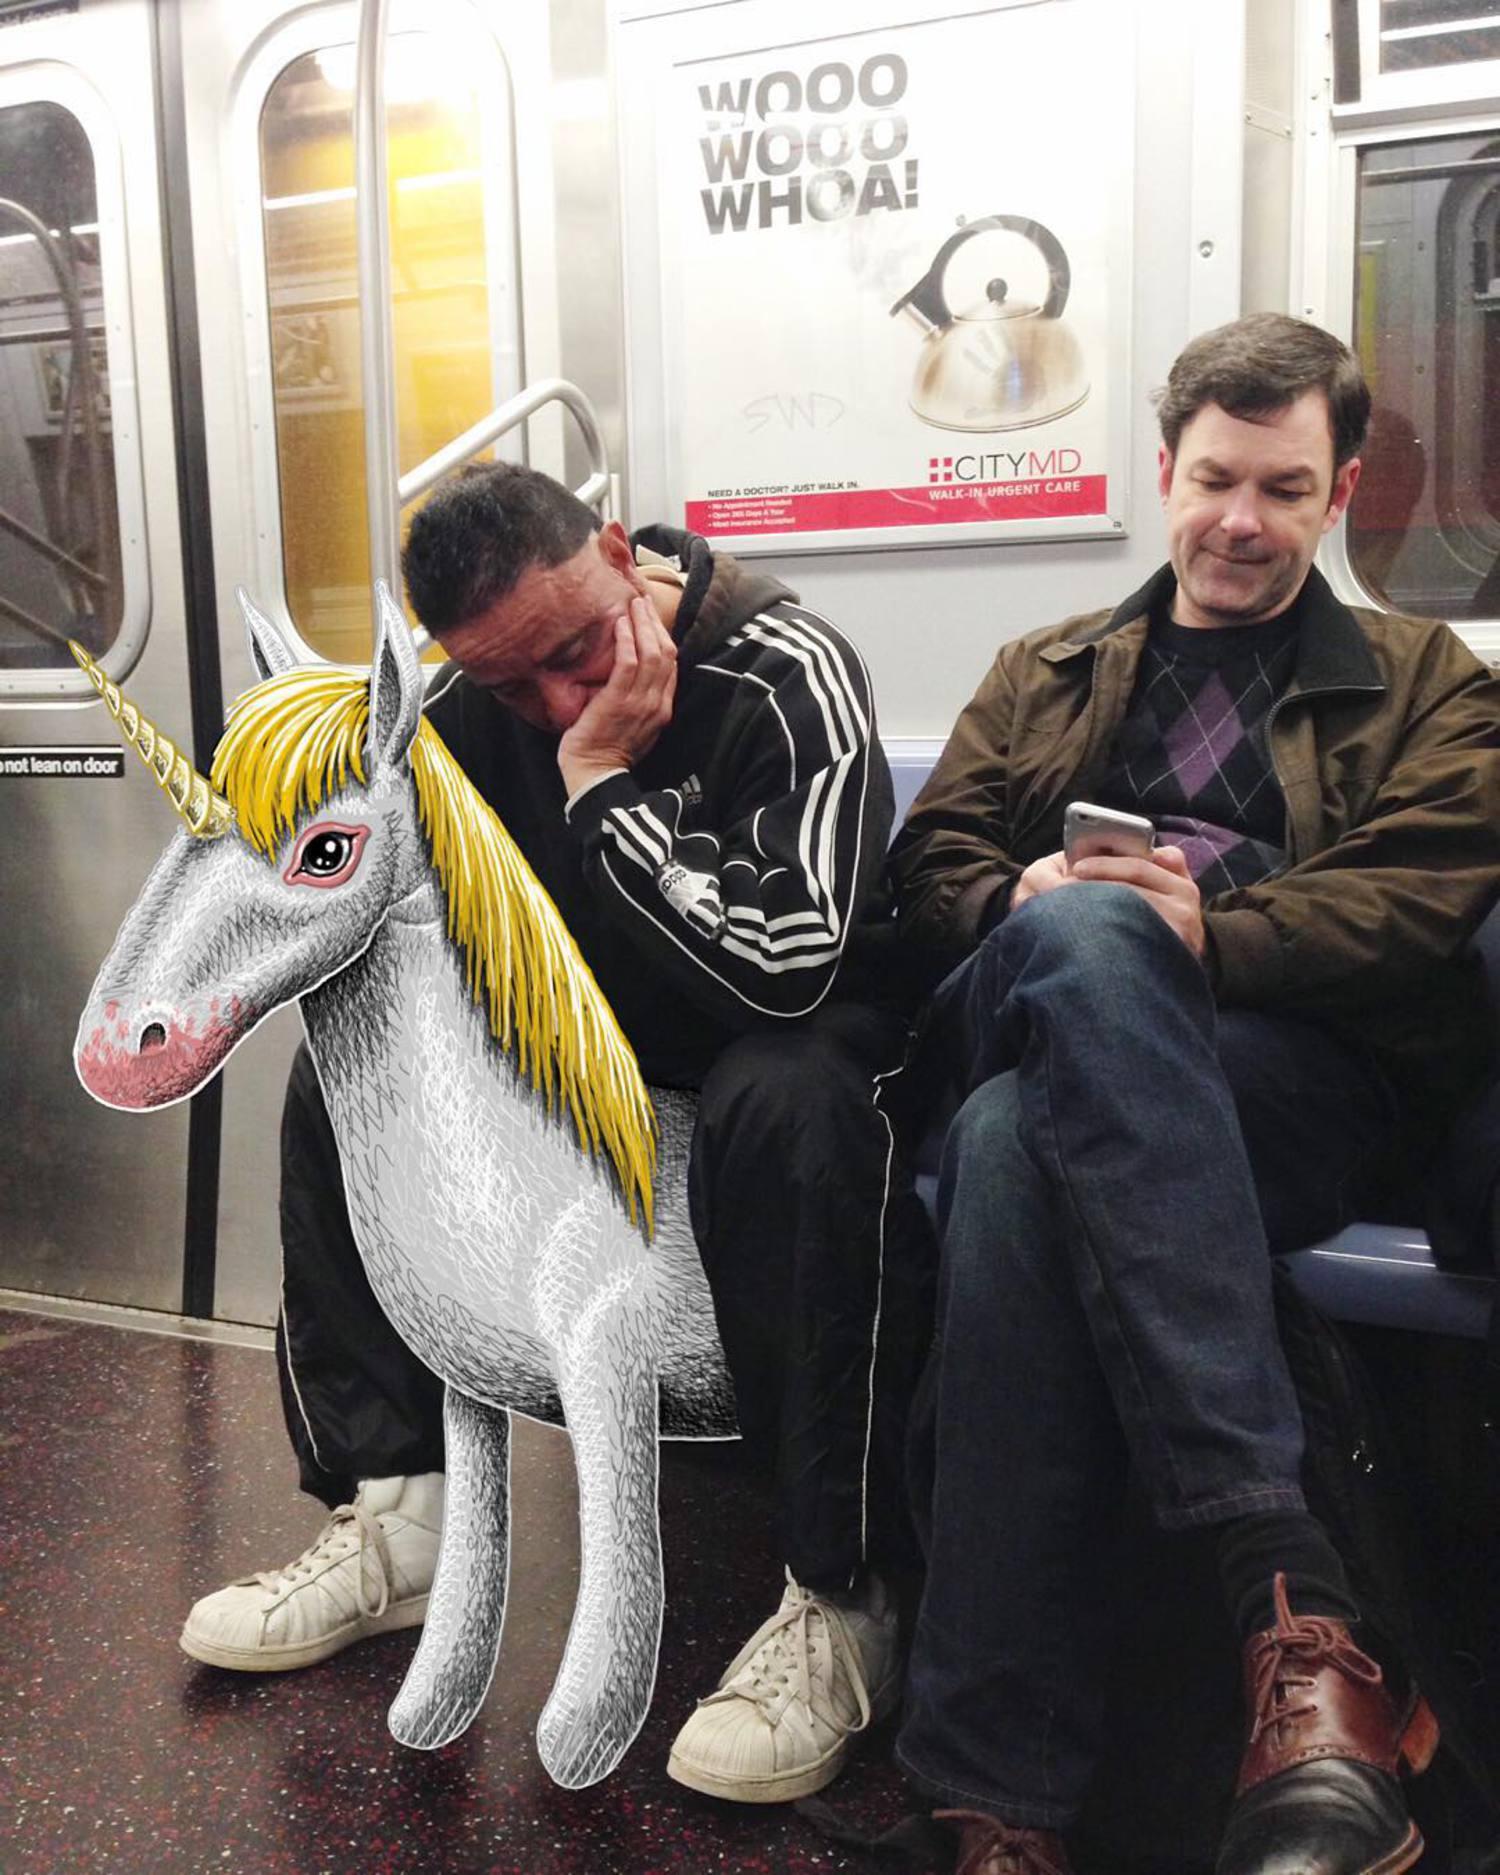 #subwaydoodle #subway #doodle #swd #nyc #unicorn #etiquette #manspreading #ridingtheunicorn